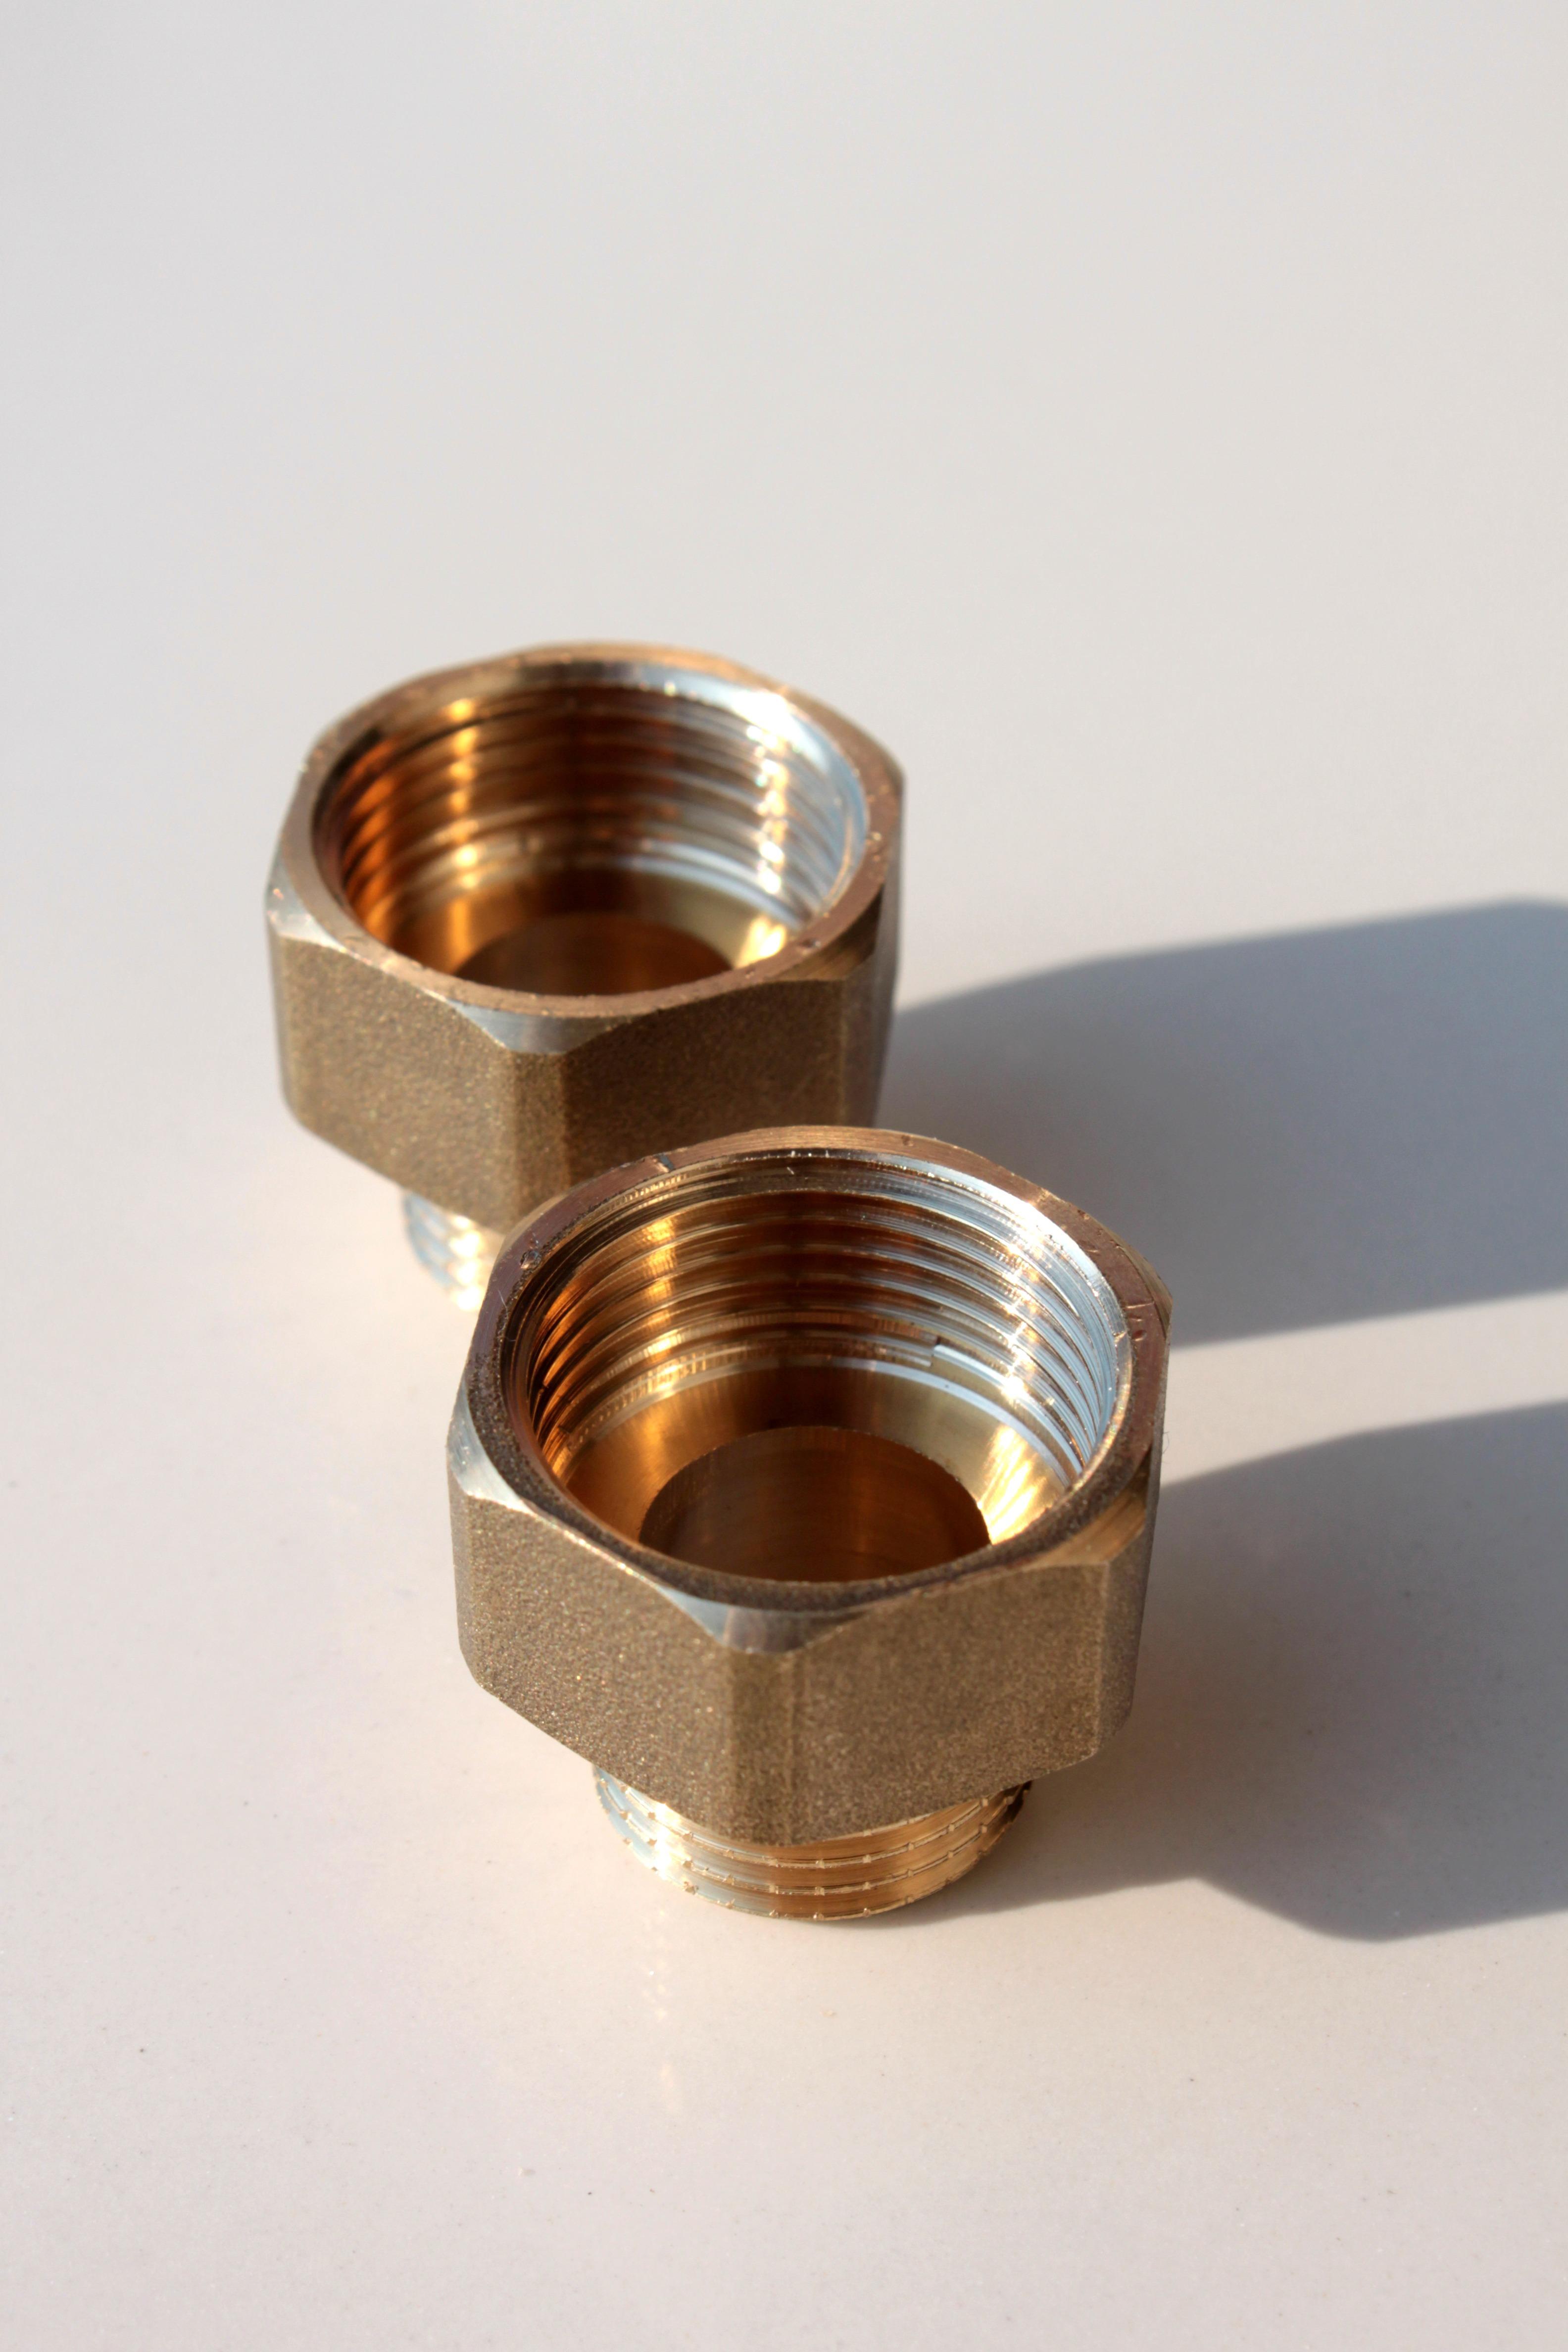 200 la pipe - 1 6